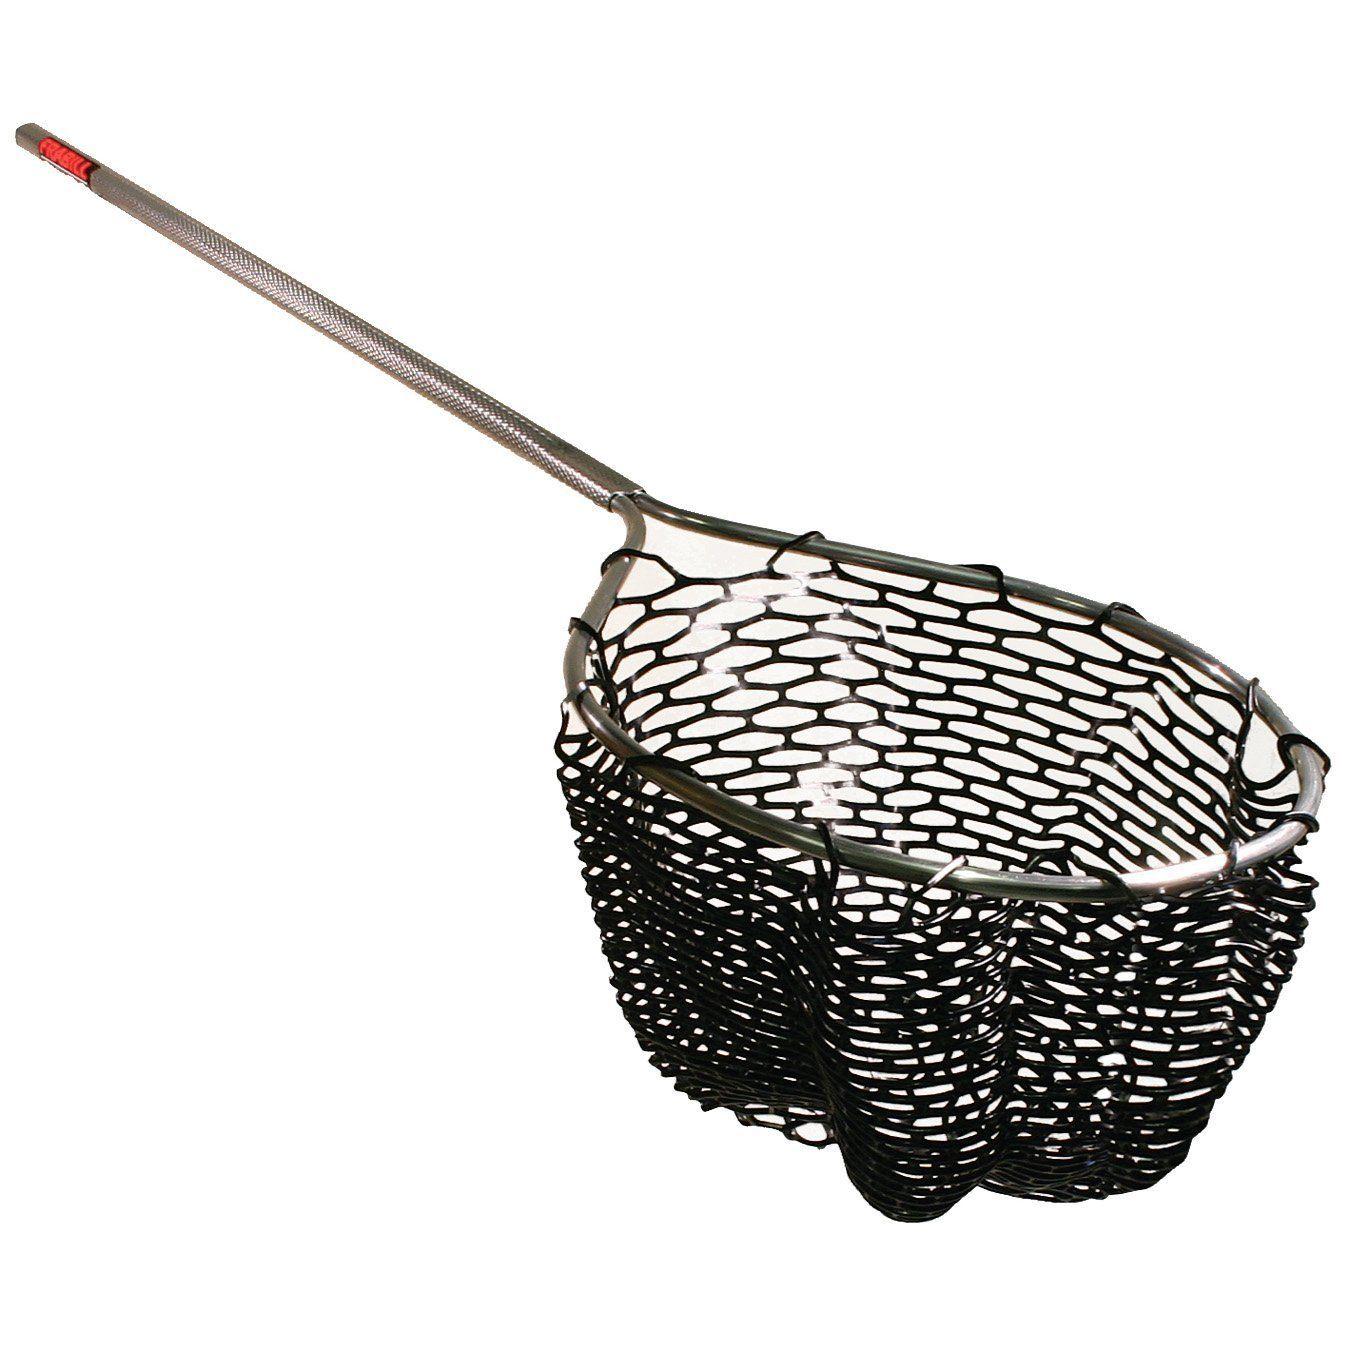 Frabill Tangle - Free Rubber Landing Net